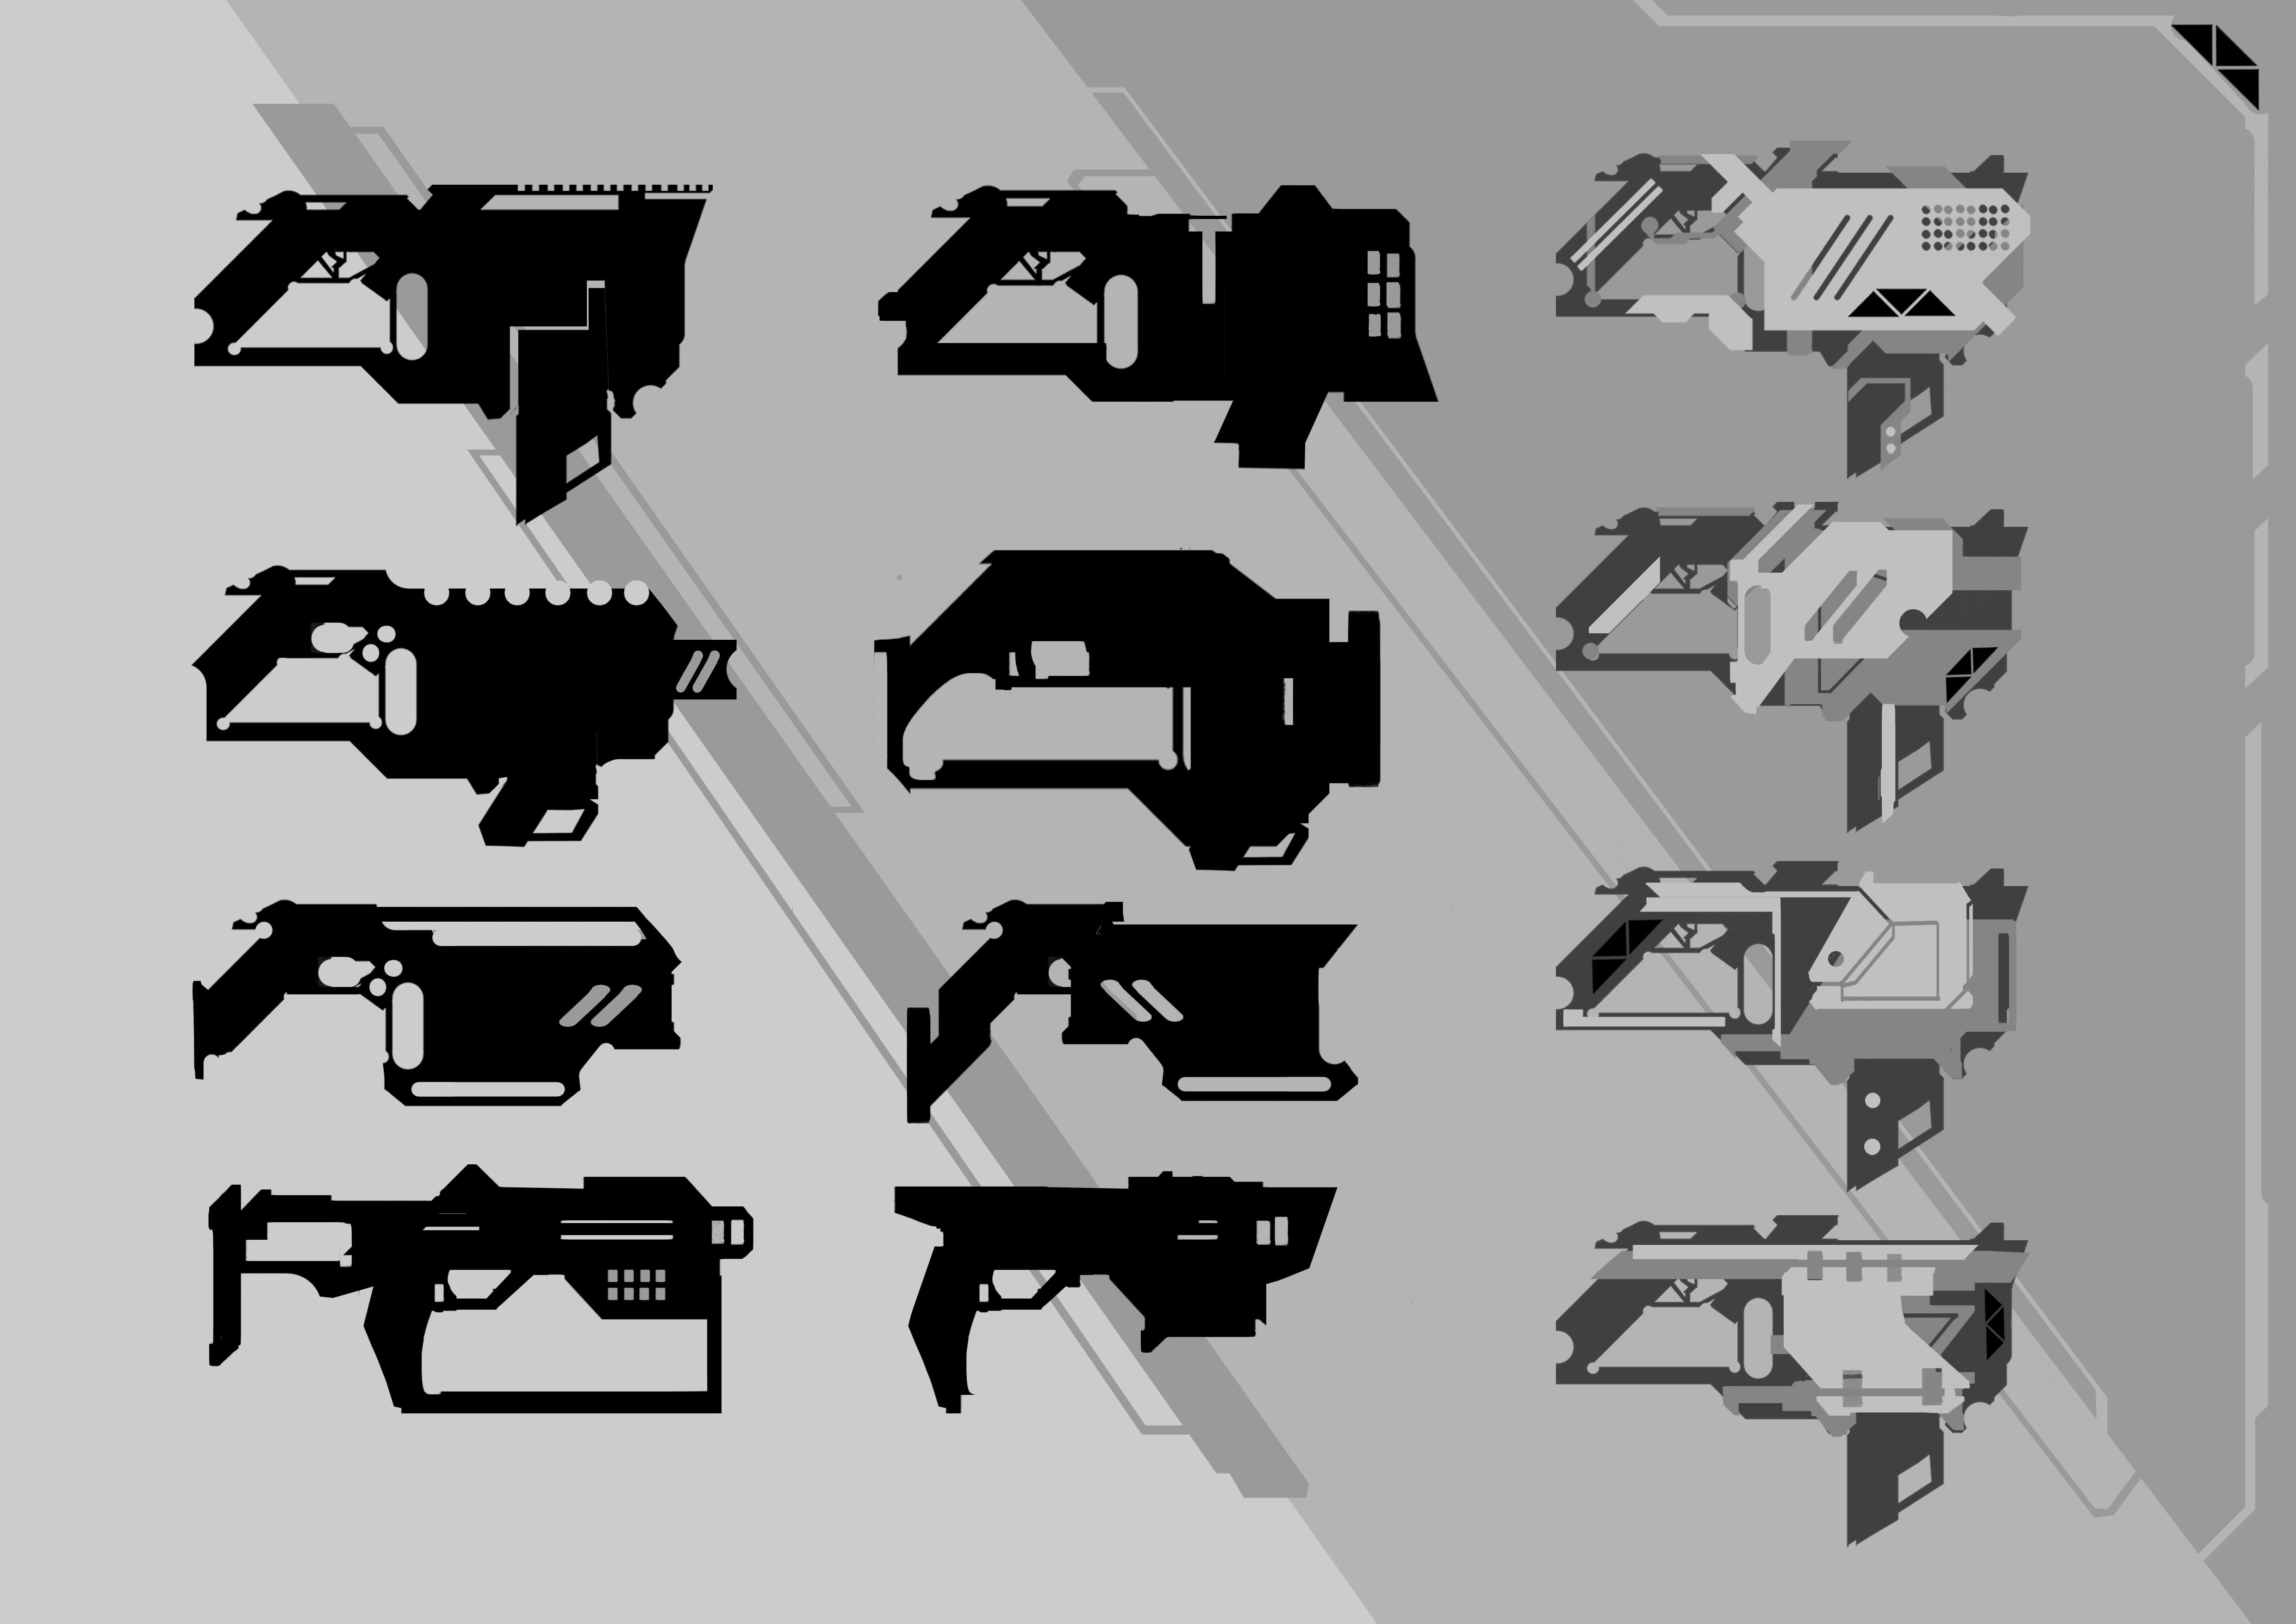 3d art challenge-sci fi gun- name project name blazer